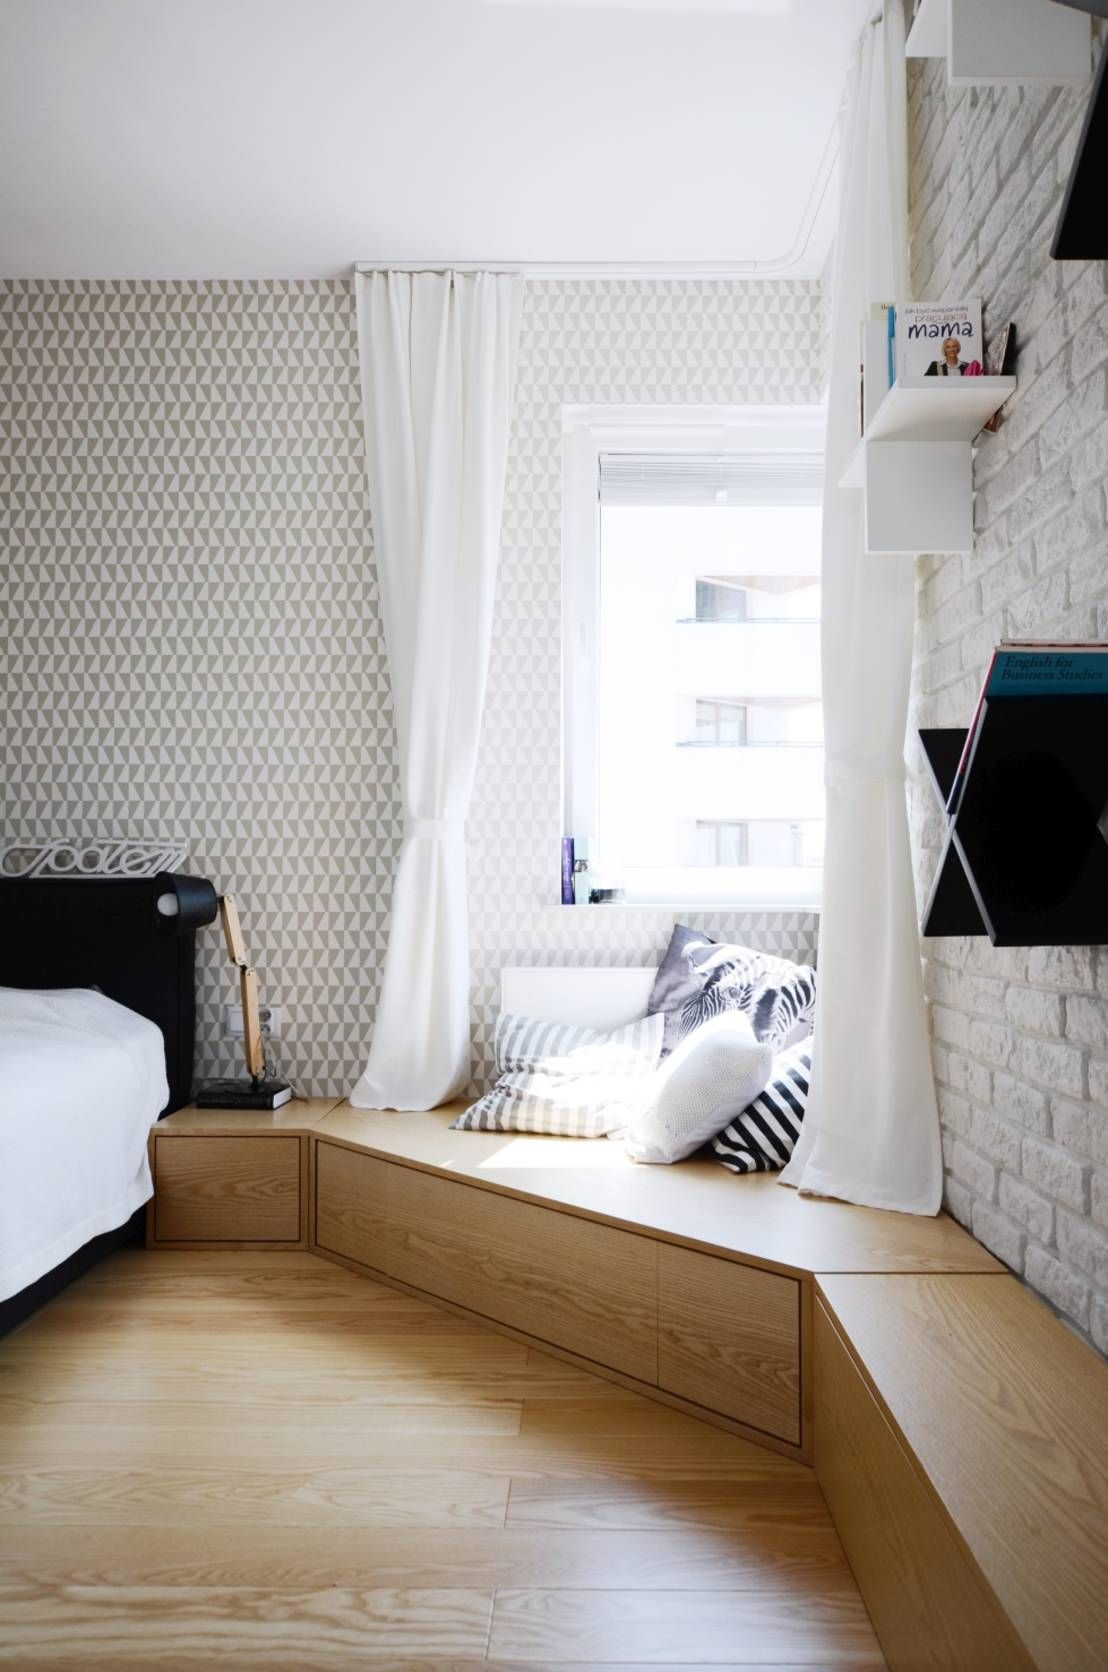 Oltre 1000 idee su camere da letto per ragazze su pinterest ...